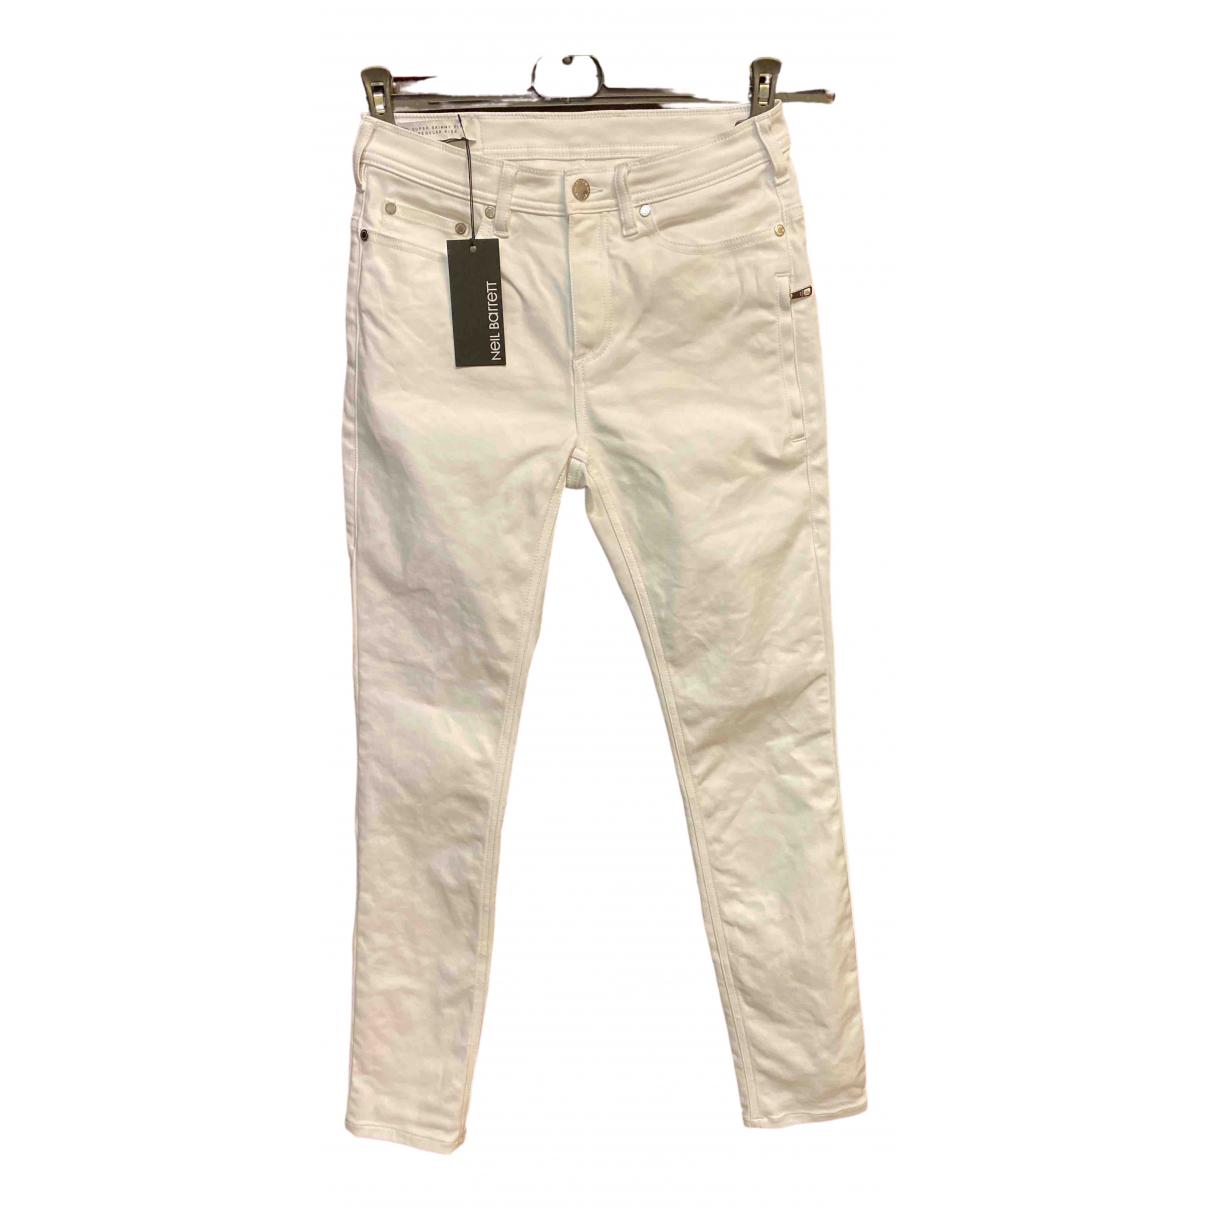 Neil Barrett \N White Cotton - elasthane Jeans for Men 30 US